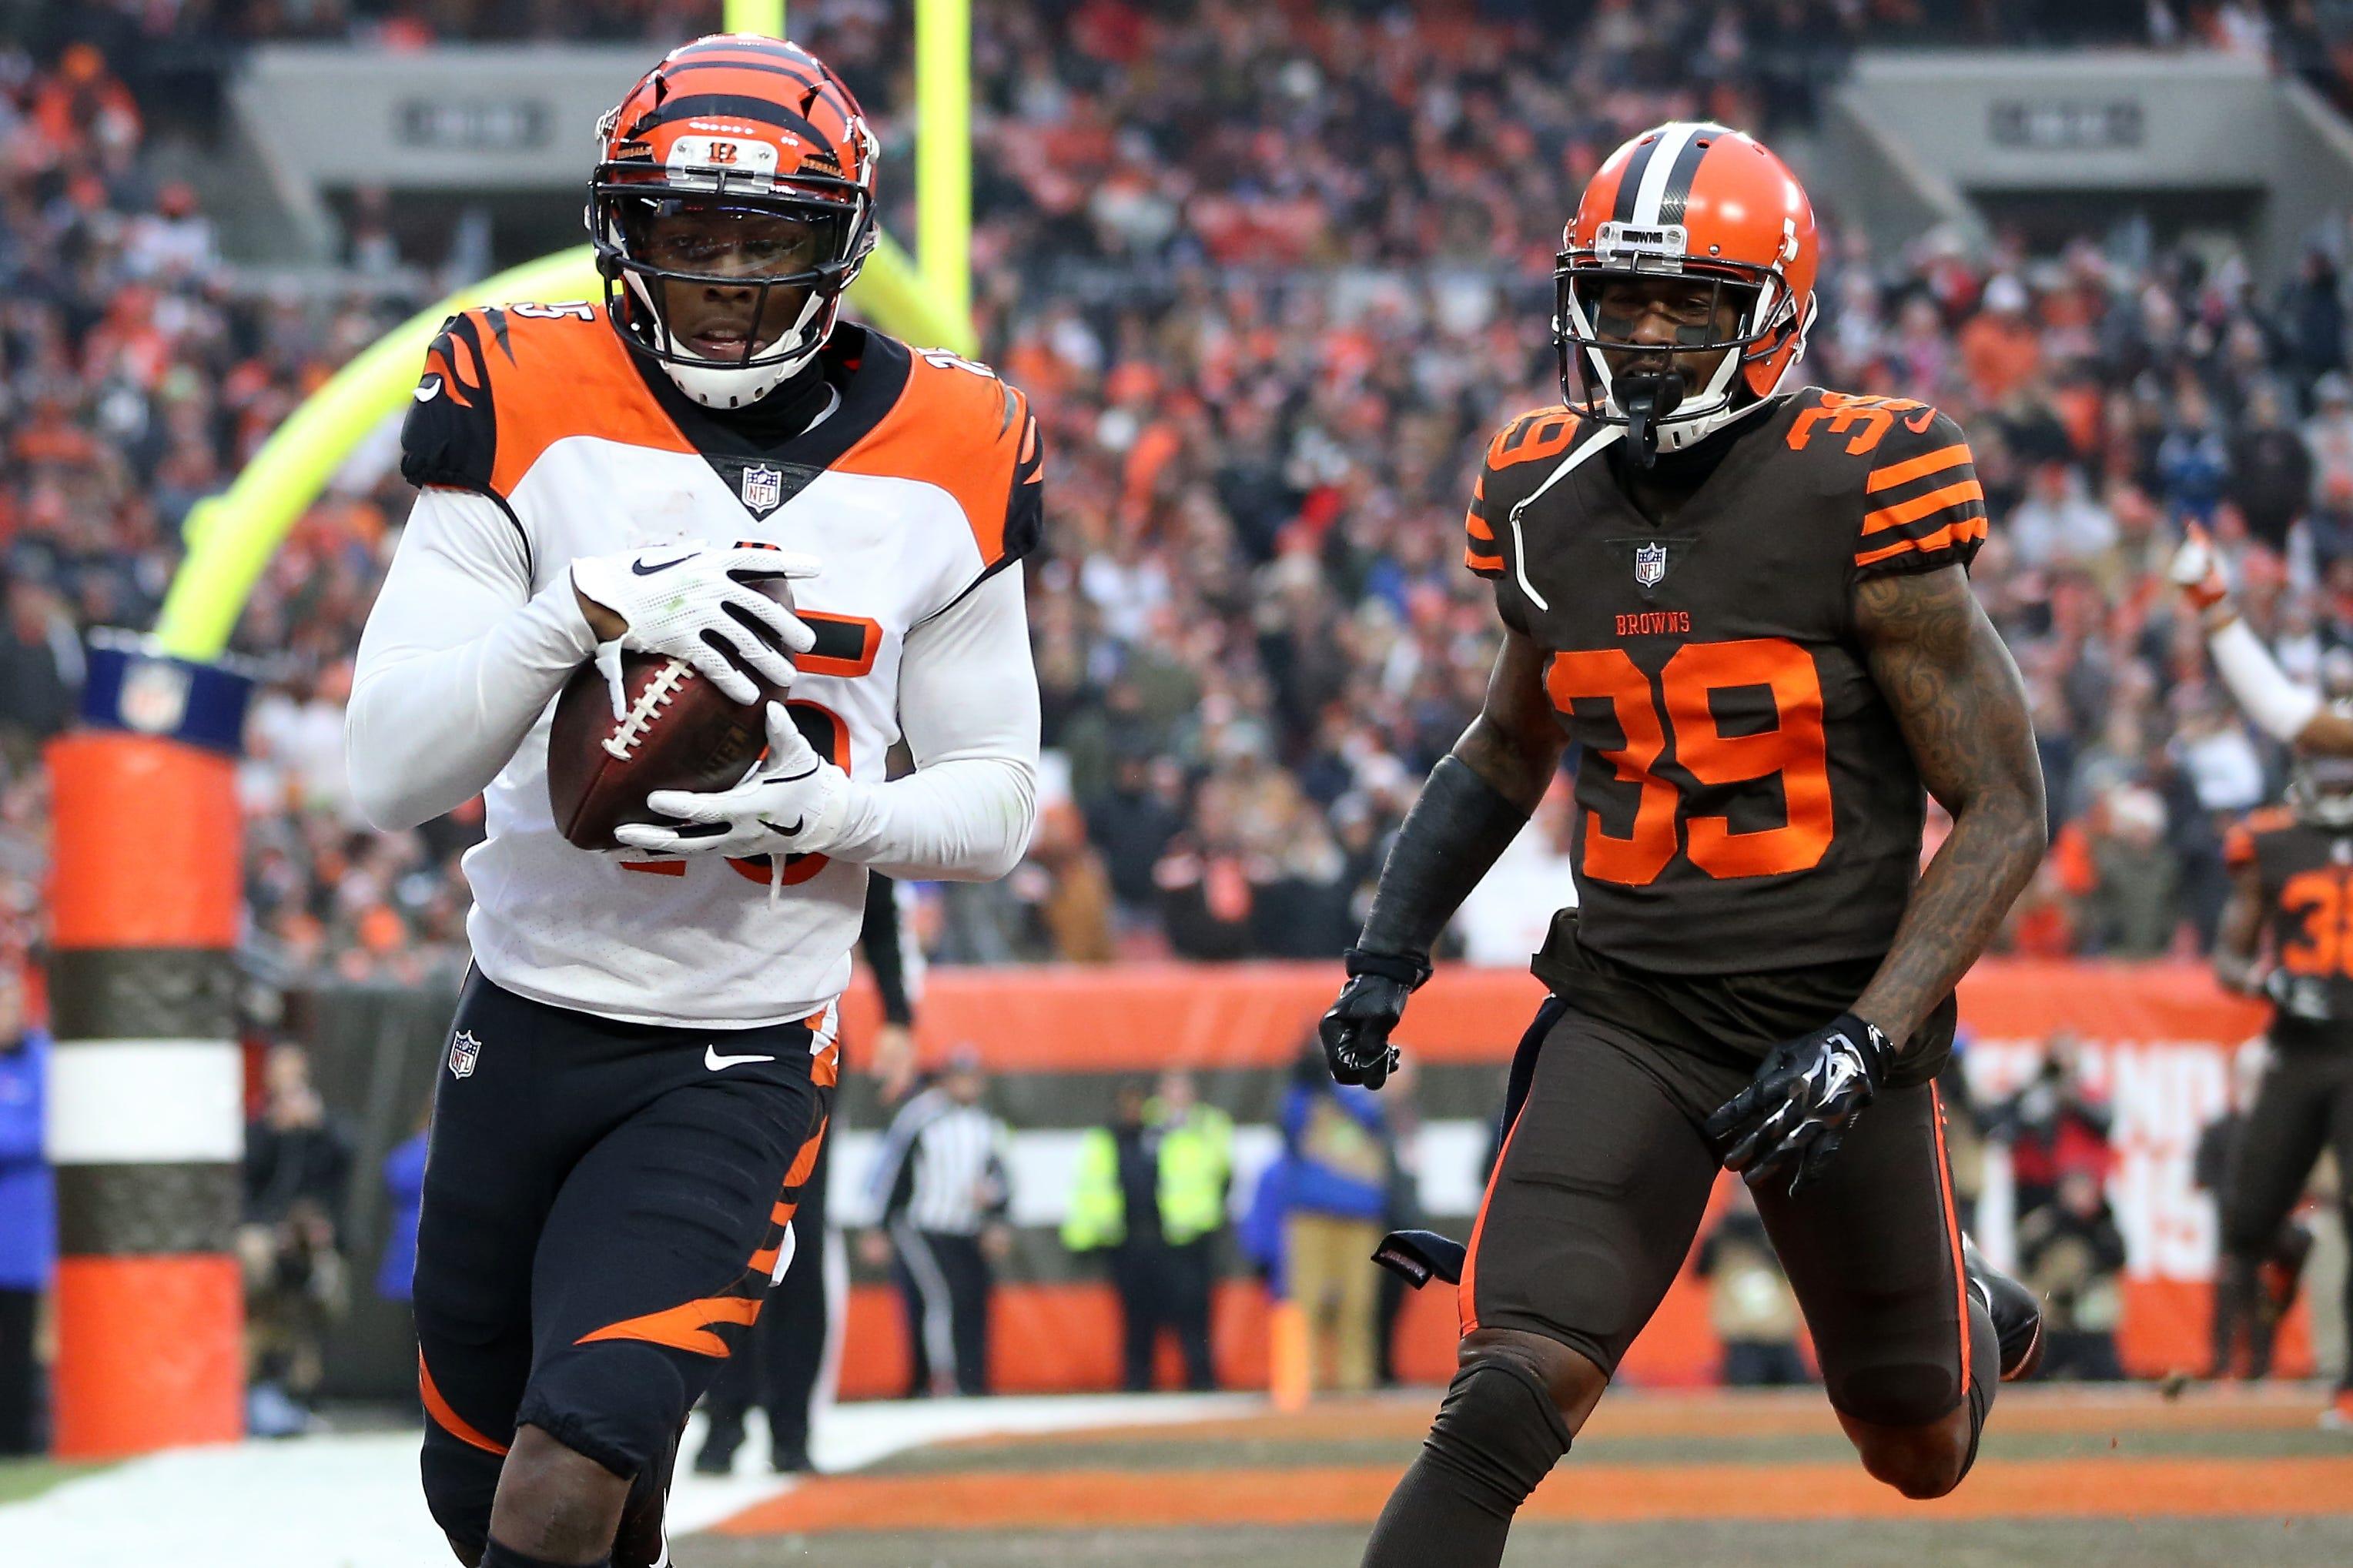 Cincinnati Bengals reinforce belief in John Ross with 2019 NFL Draft decisions